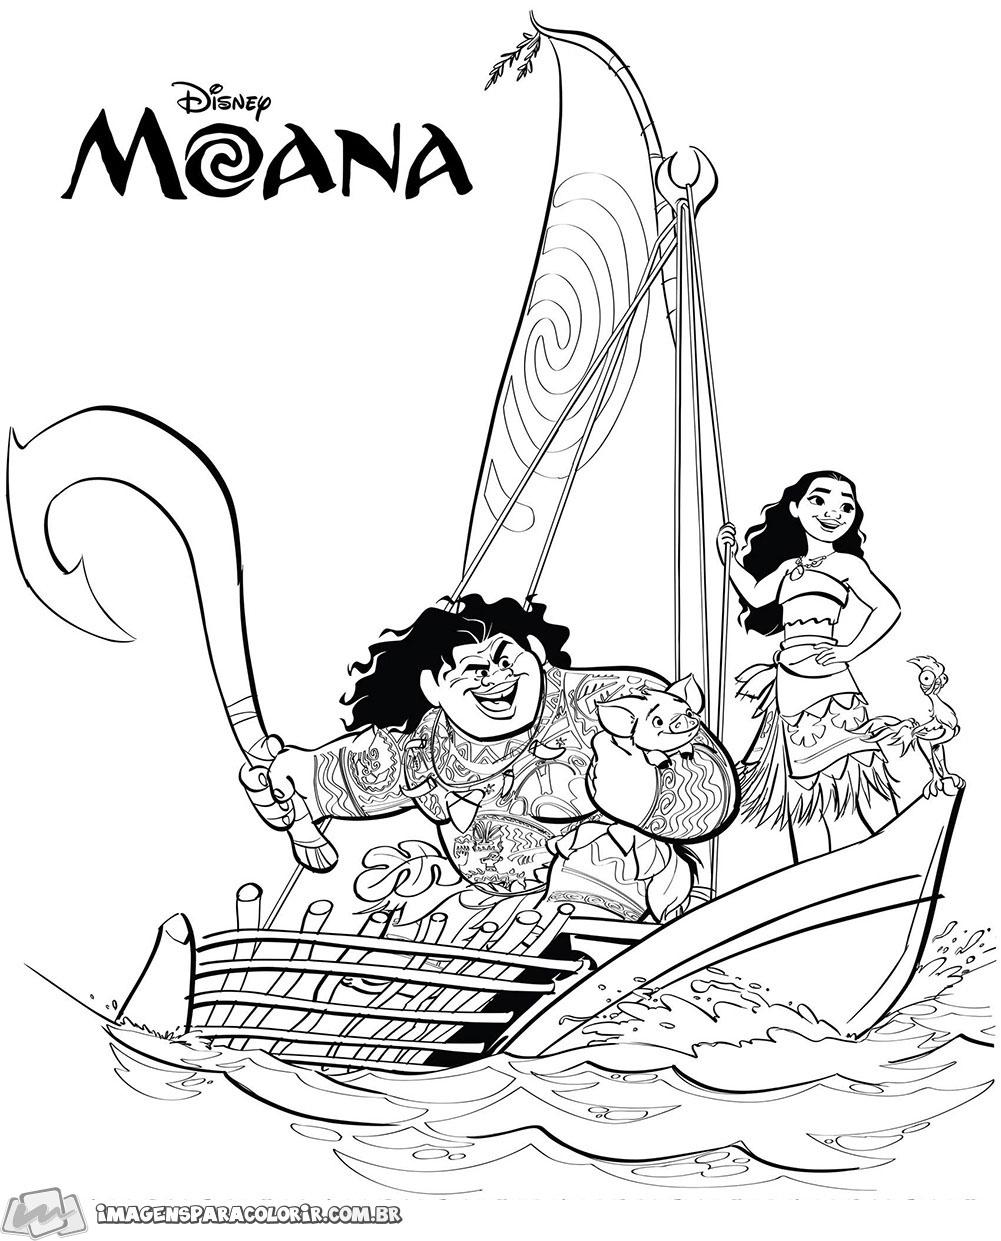 Moana - Heihei e Maui